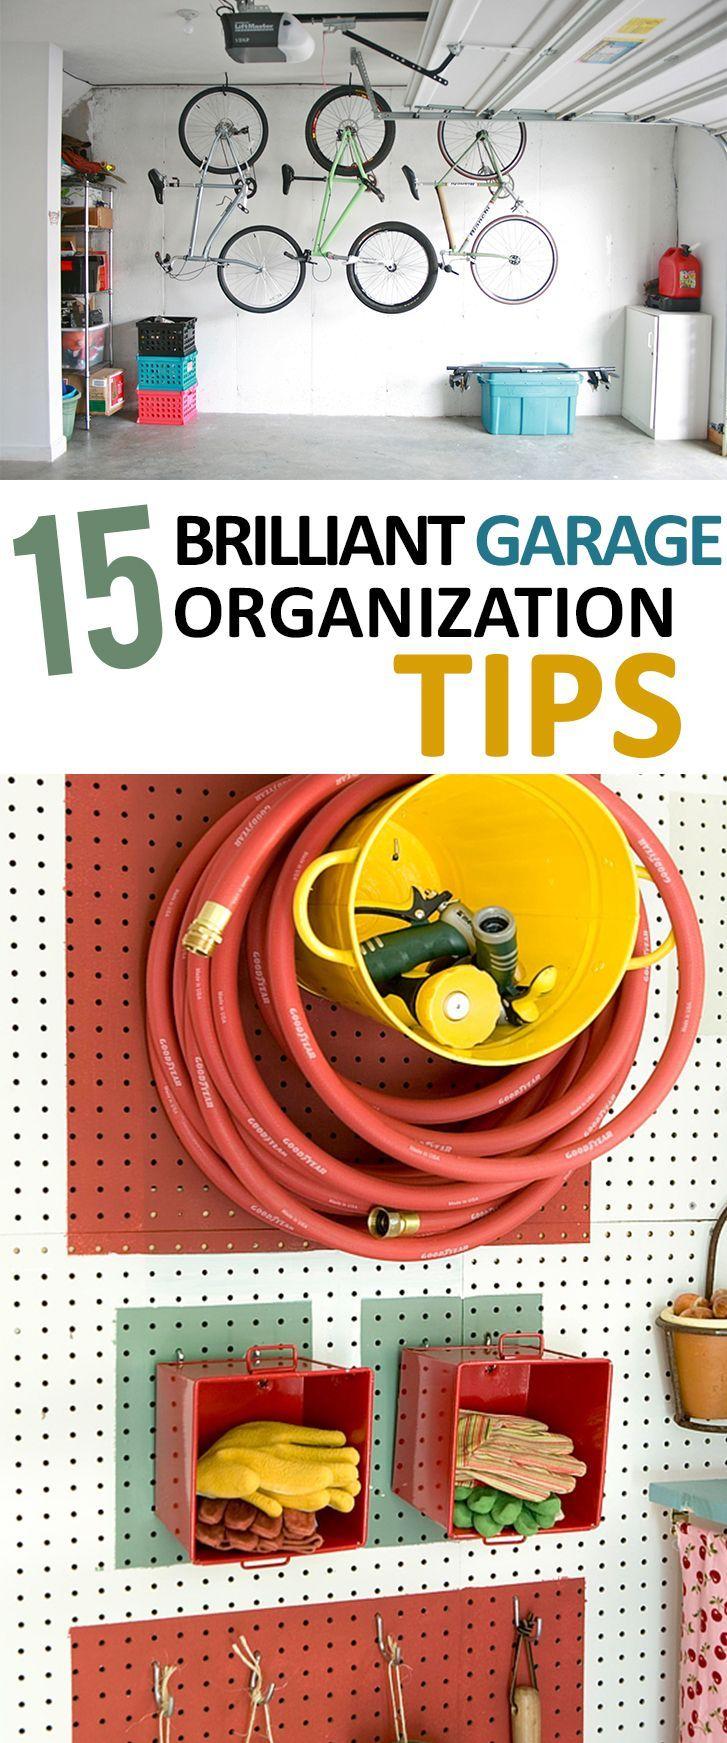 Garage Organization, Garage Organization Tips, Garage Storage, Outdoor Storage Ideas, Easy Garage Organization Ideas, Easy Garage Remodel, Organization Hacks, Popular Pin, Organization Tips and Tricks, Home Organization, Home Organization Hacks